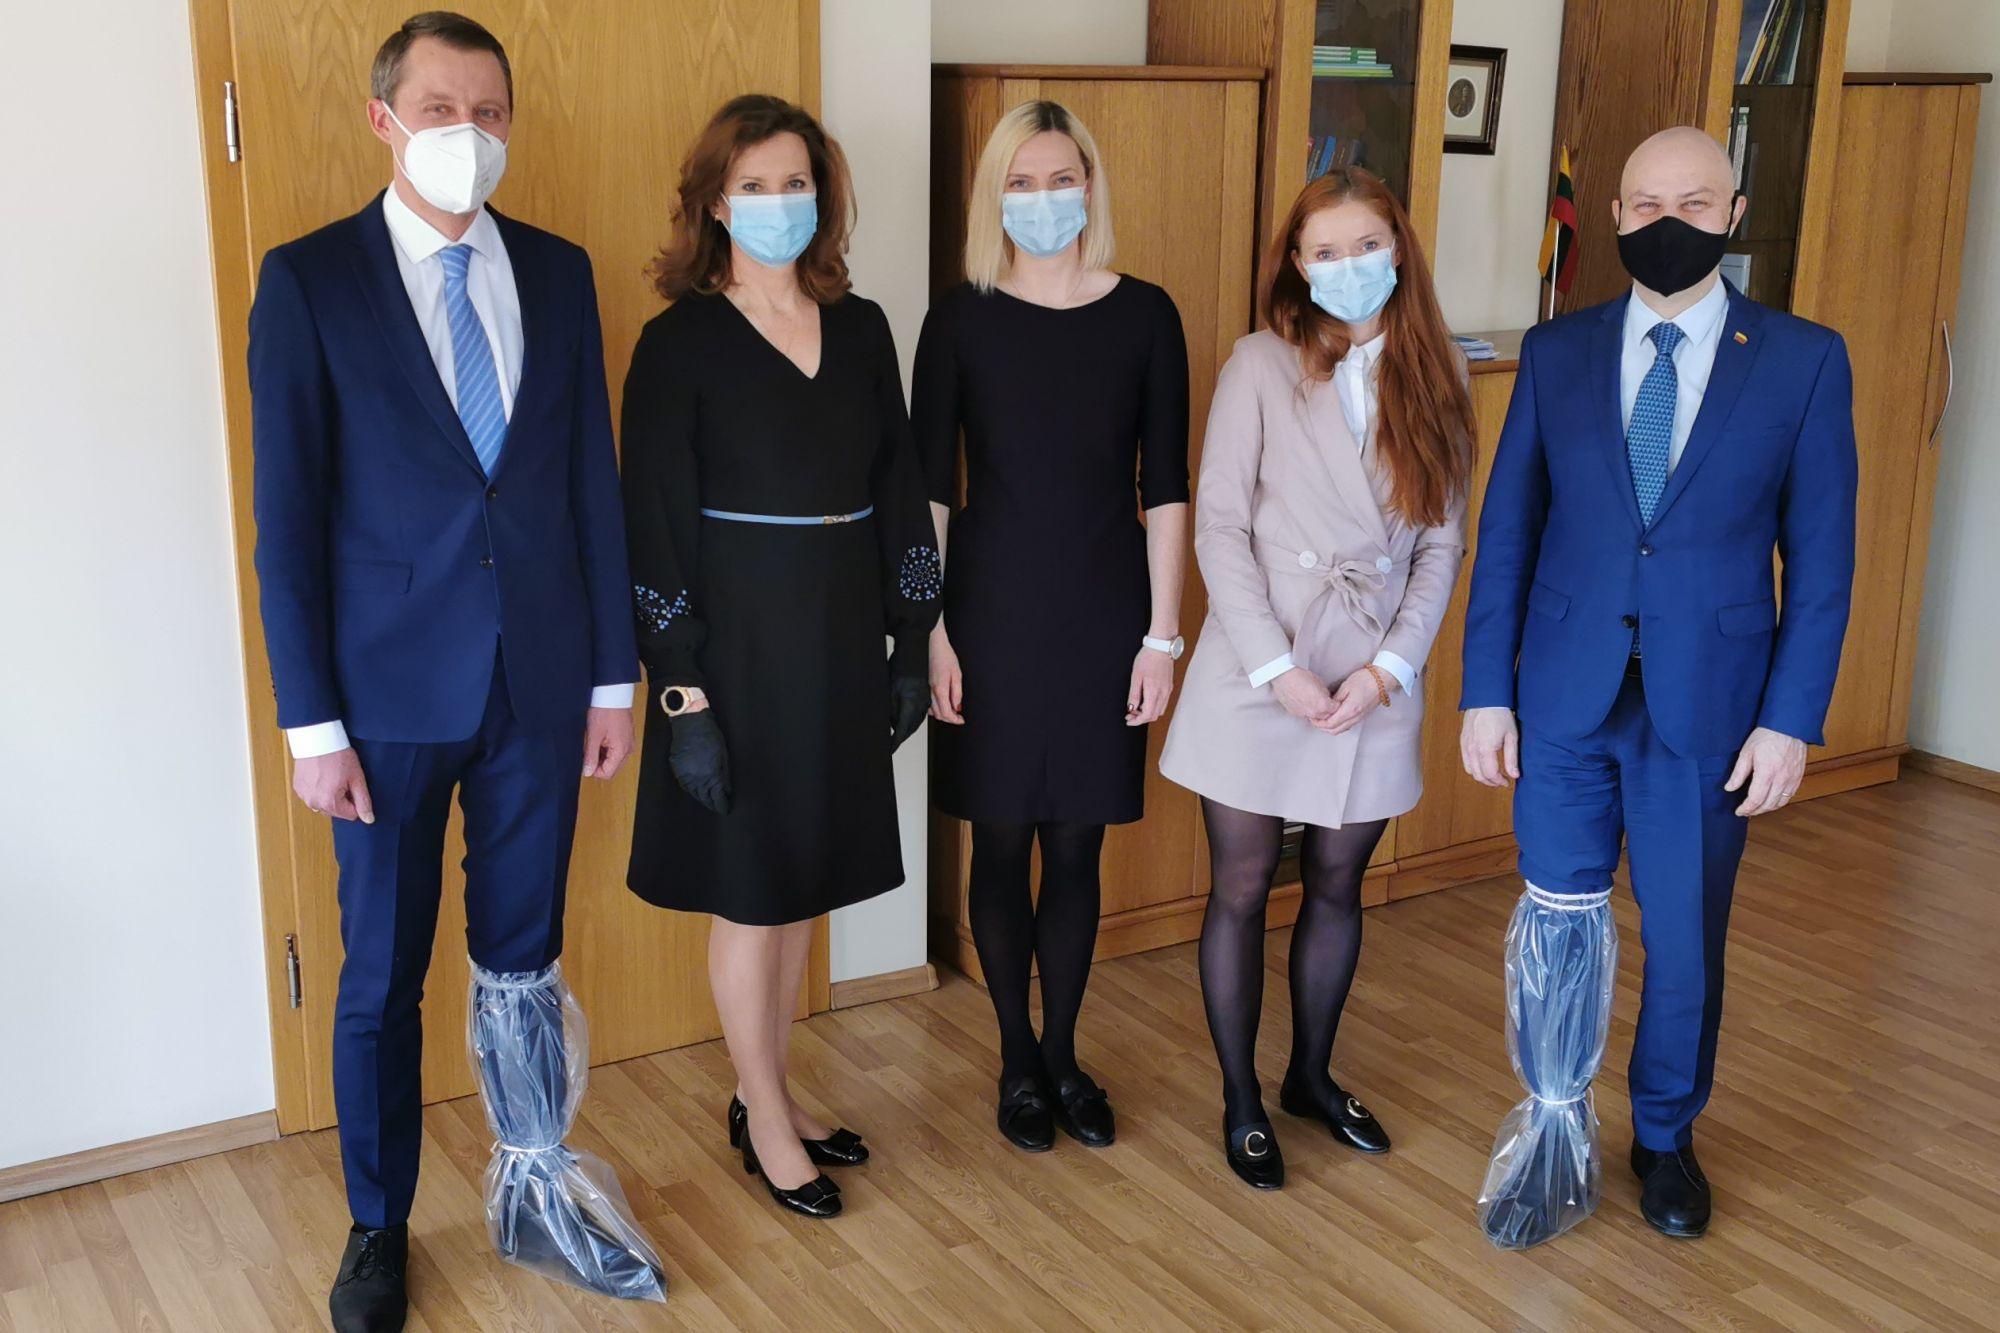 Lietuvos gamintojai aprūpins šalies medikus ir vienkartiniais antbačiais